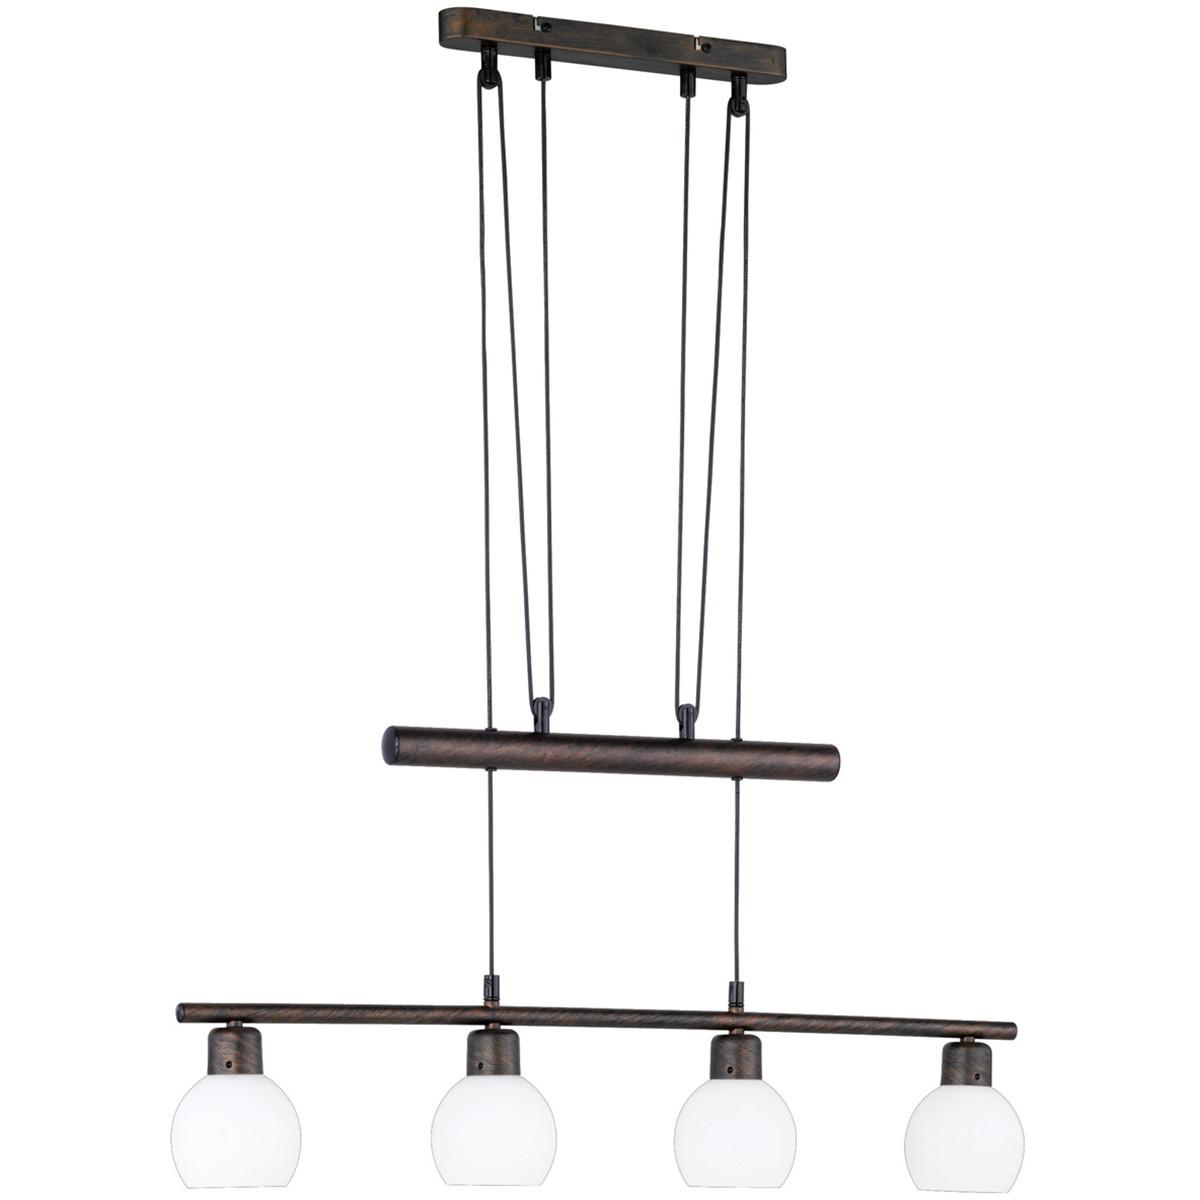 LED Hanglamp - Trion Frudo - 16W - E14 Fitting - Warm Wit 3000K - Dimbaar - Rechthoek - Roestkleur -